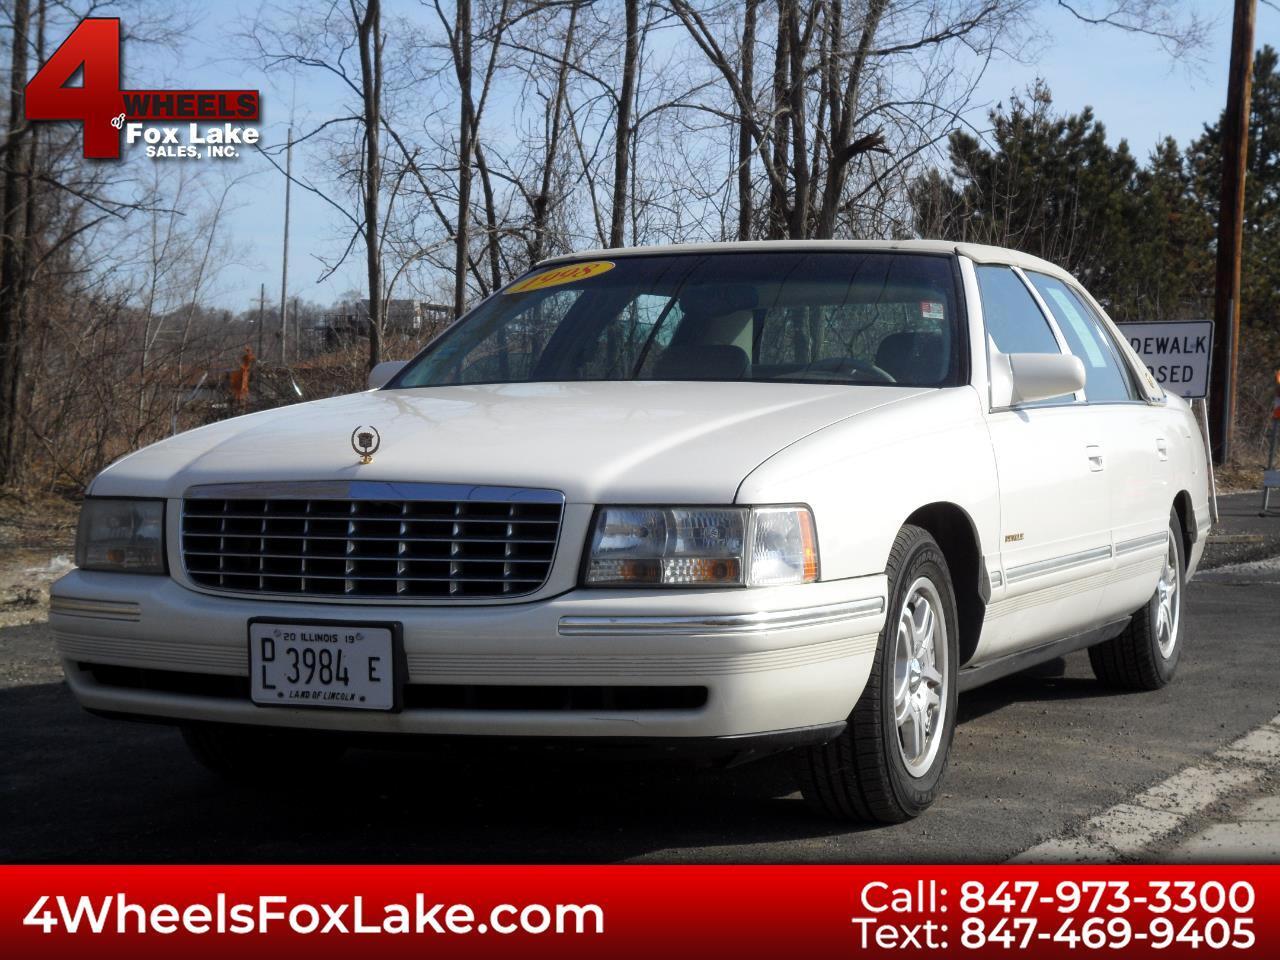 1998 Cadillac DeVille Special Edition